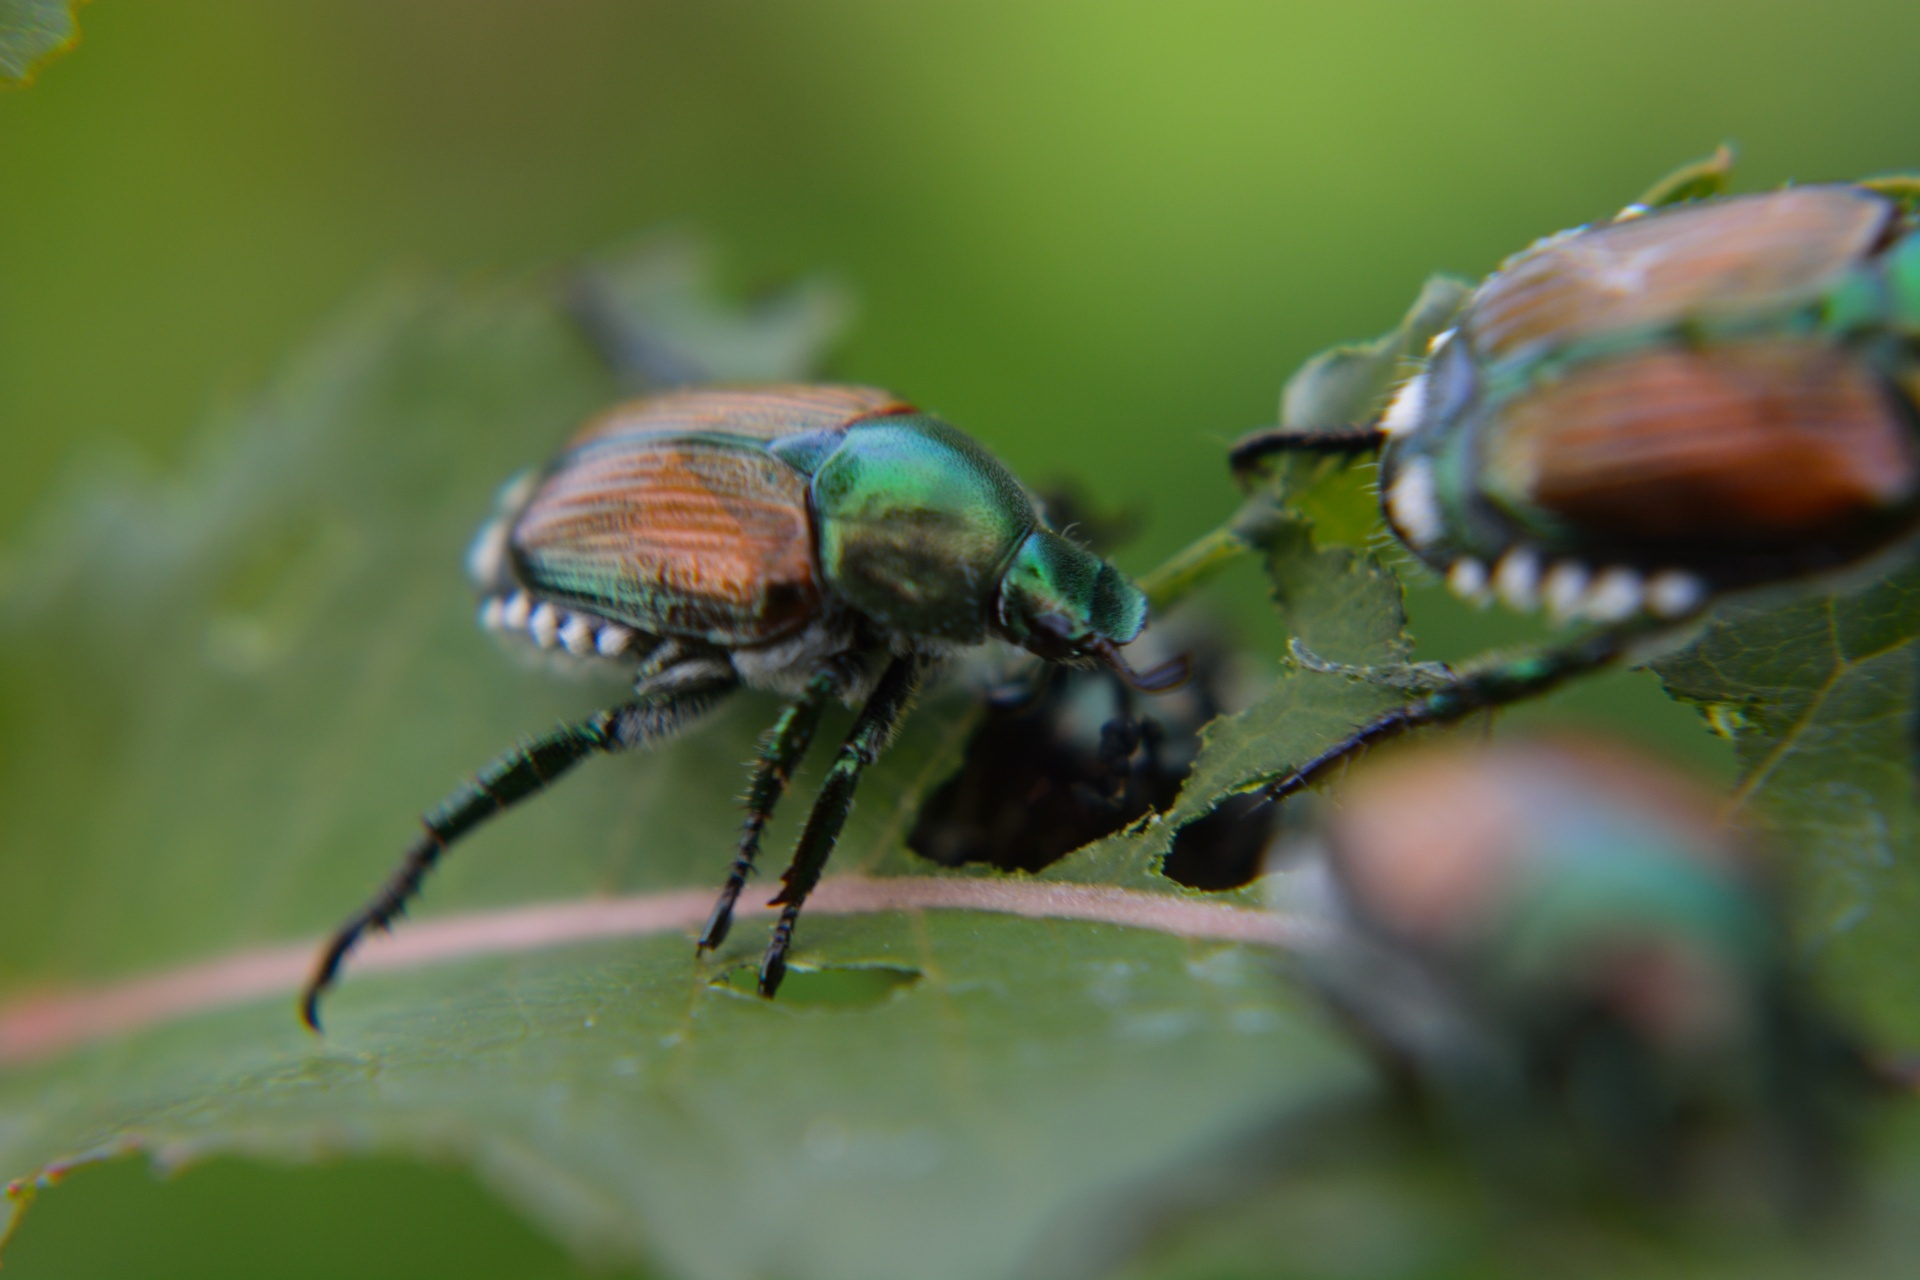 3 Japanese beetles on a leaf